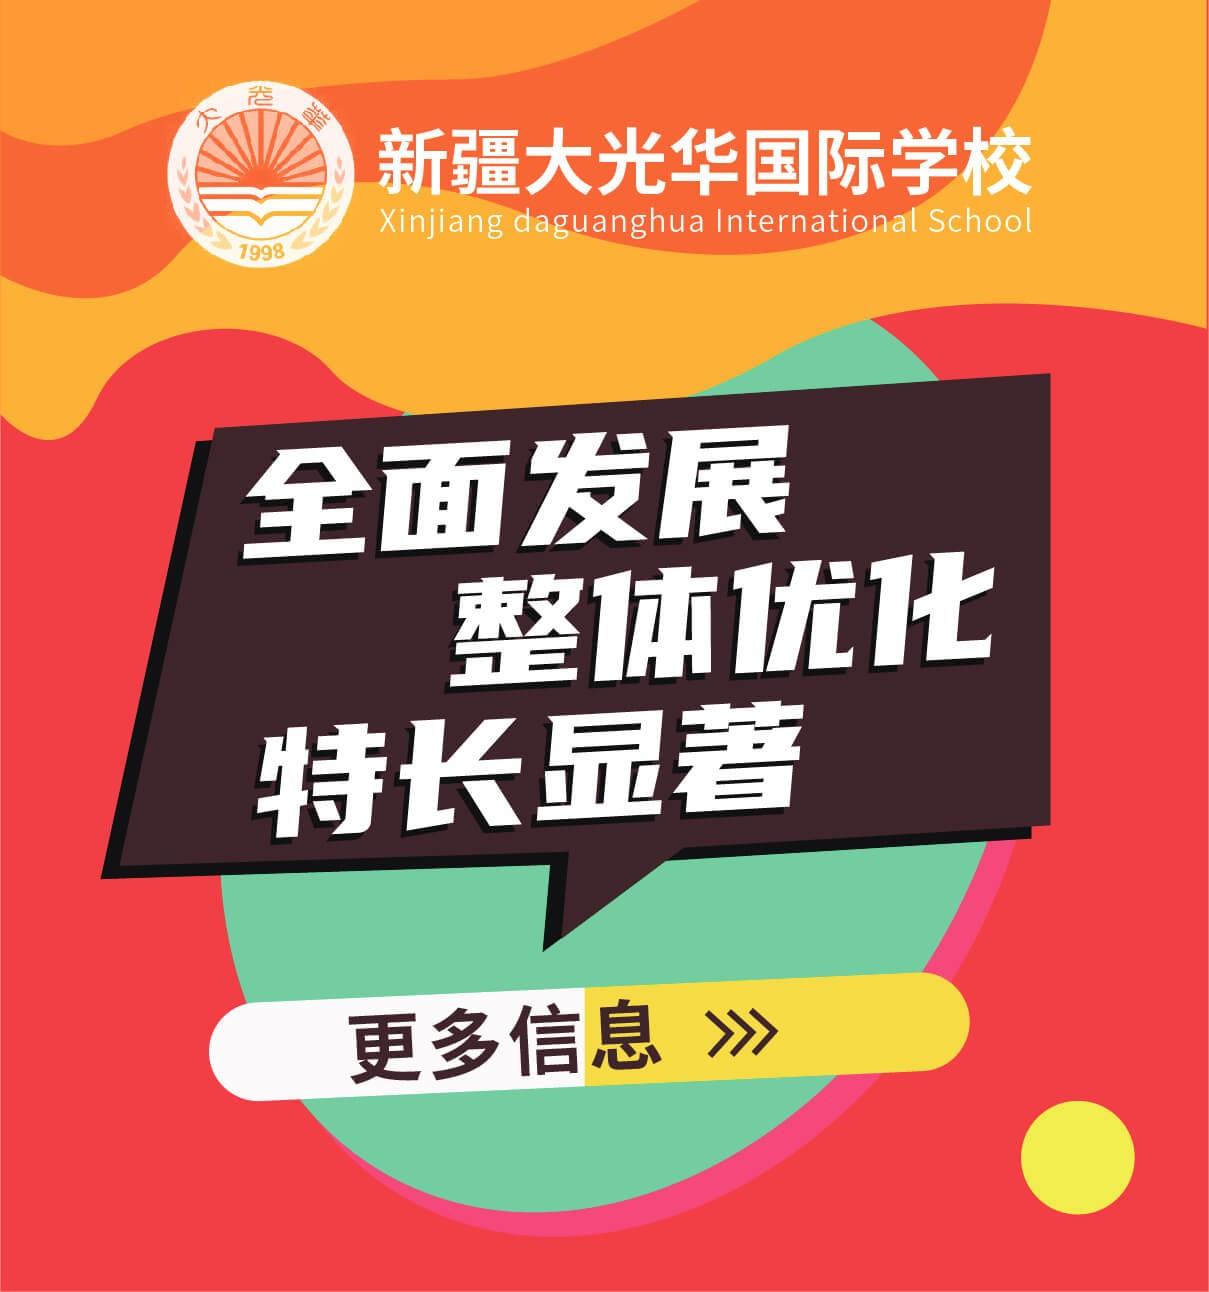 新疆大光华国际学校图片